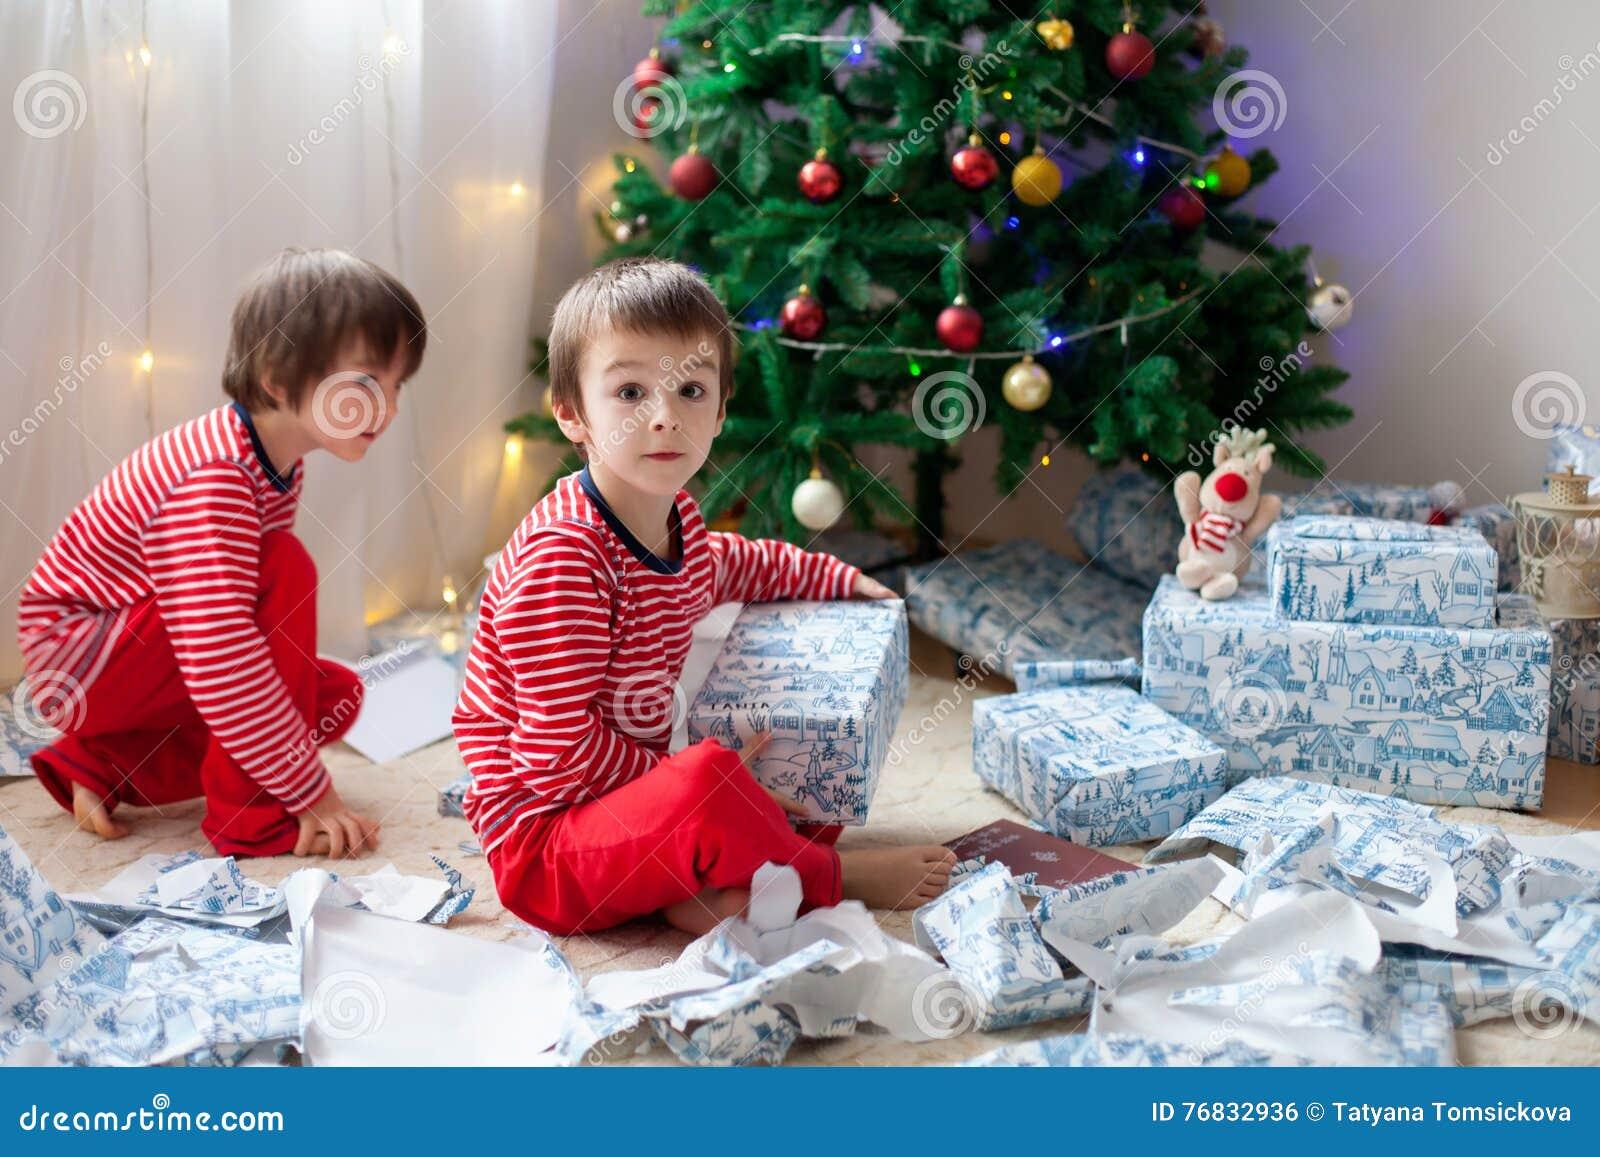 Sweet Dreams Christmas Pajamas